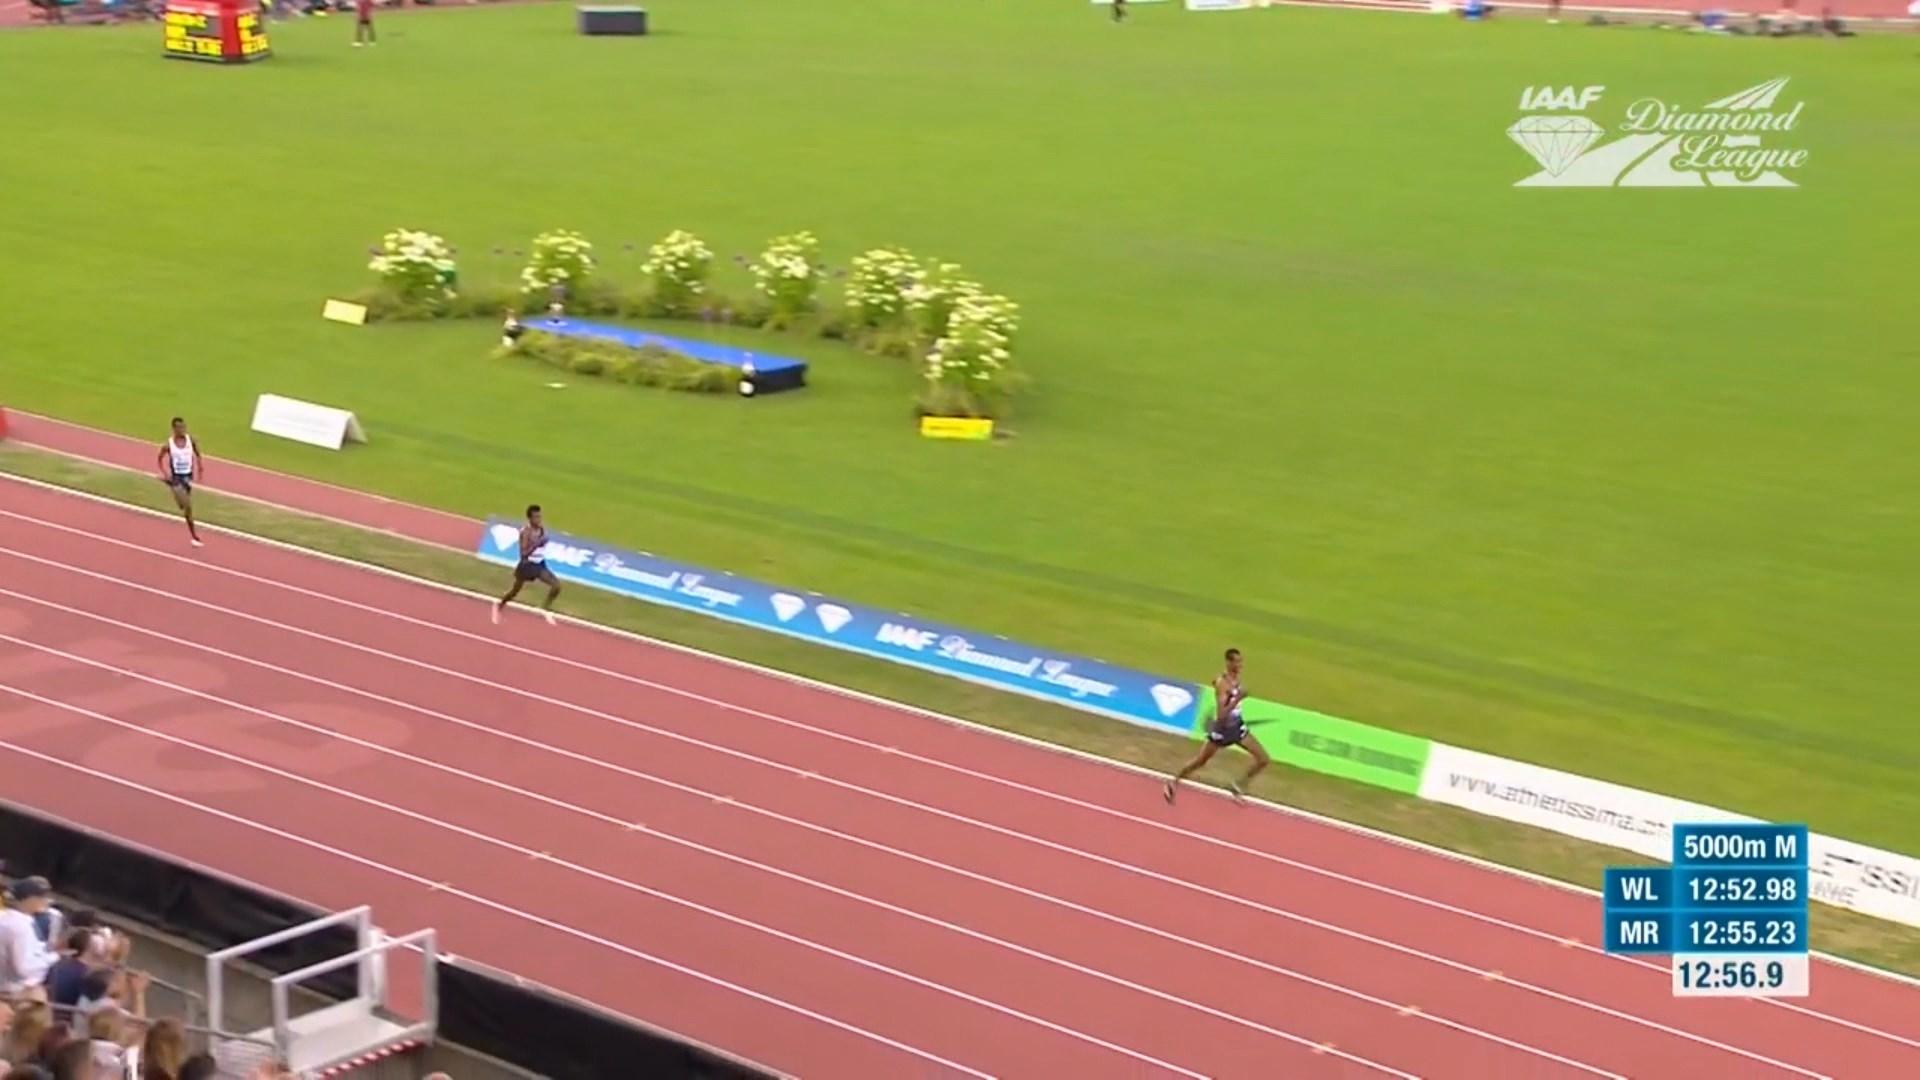 Atleti nga Etiopia harroi xhiron e fundit, humbi në mënyrë qesharake garën